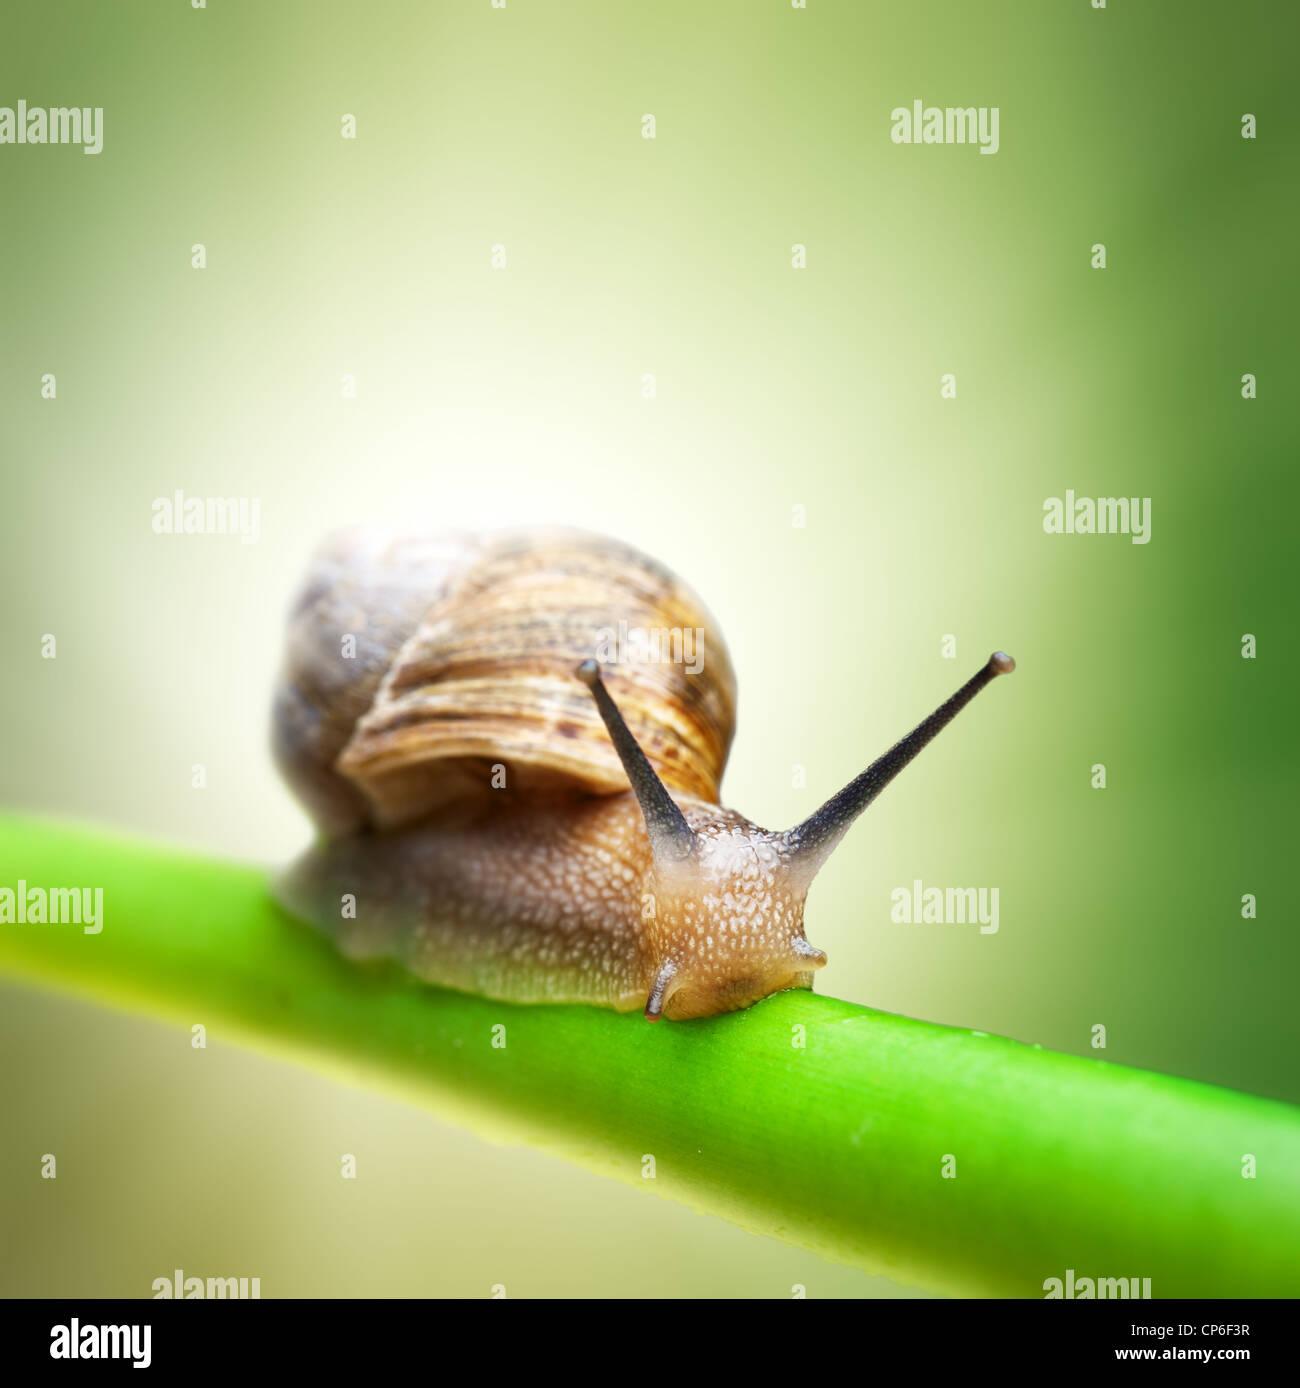 Schnecke kriecht auf grünem Stiel Stockbild